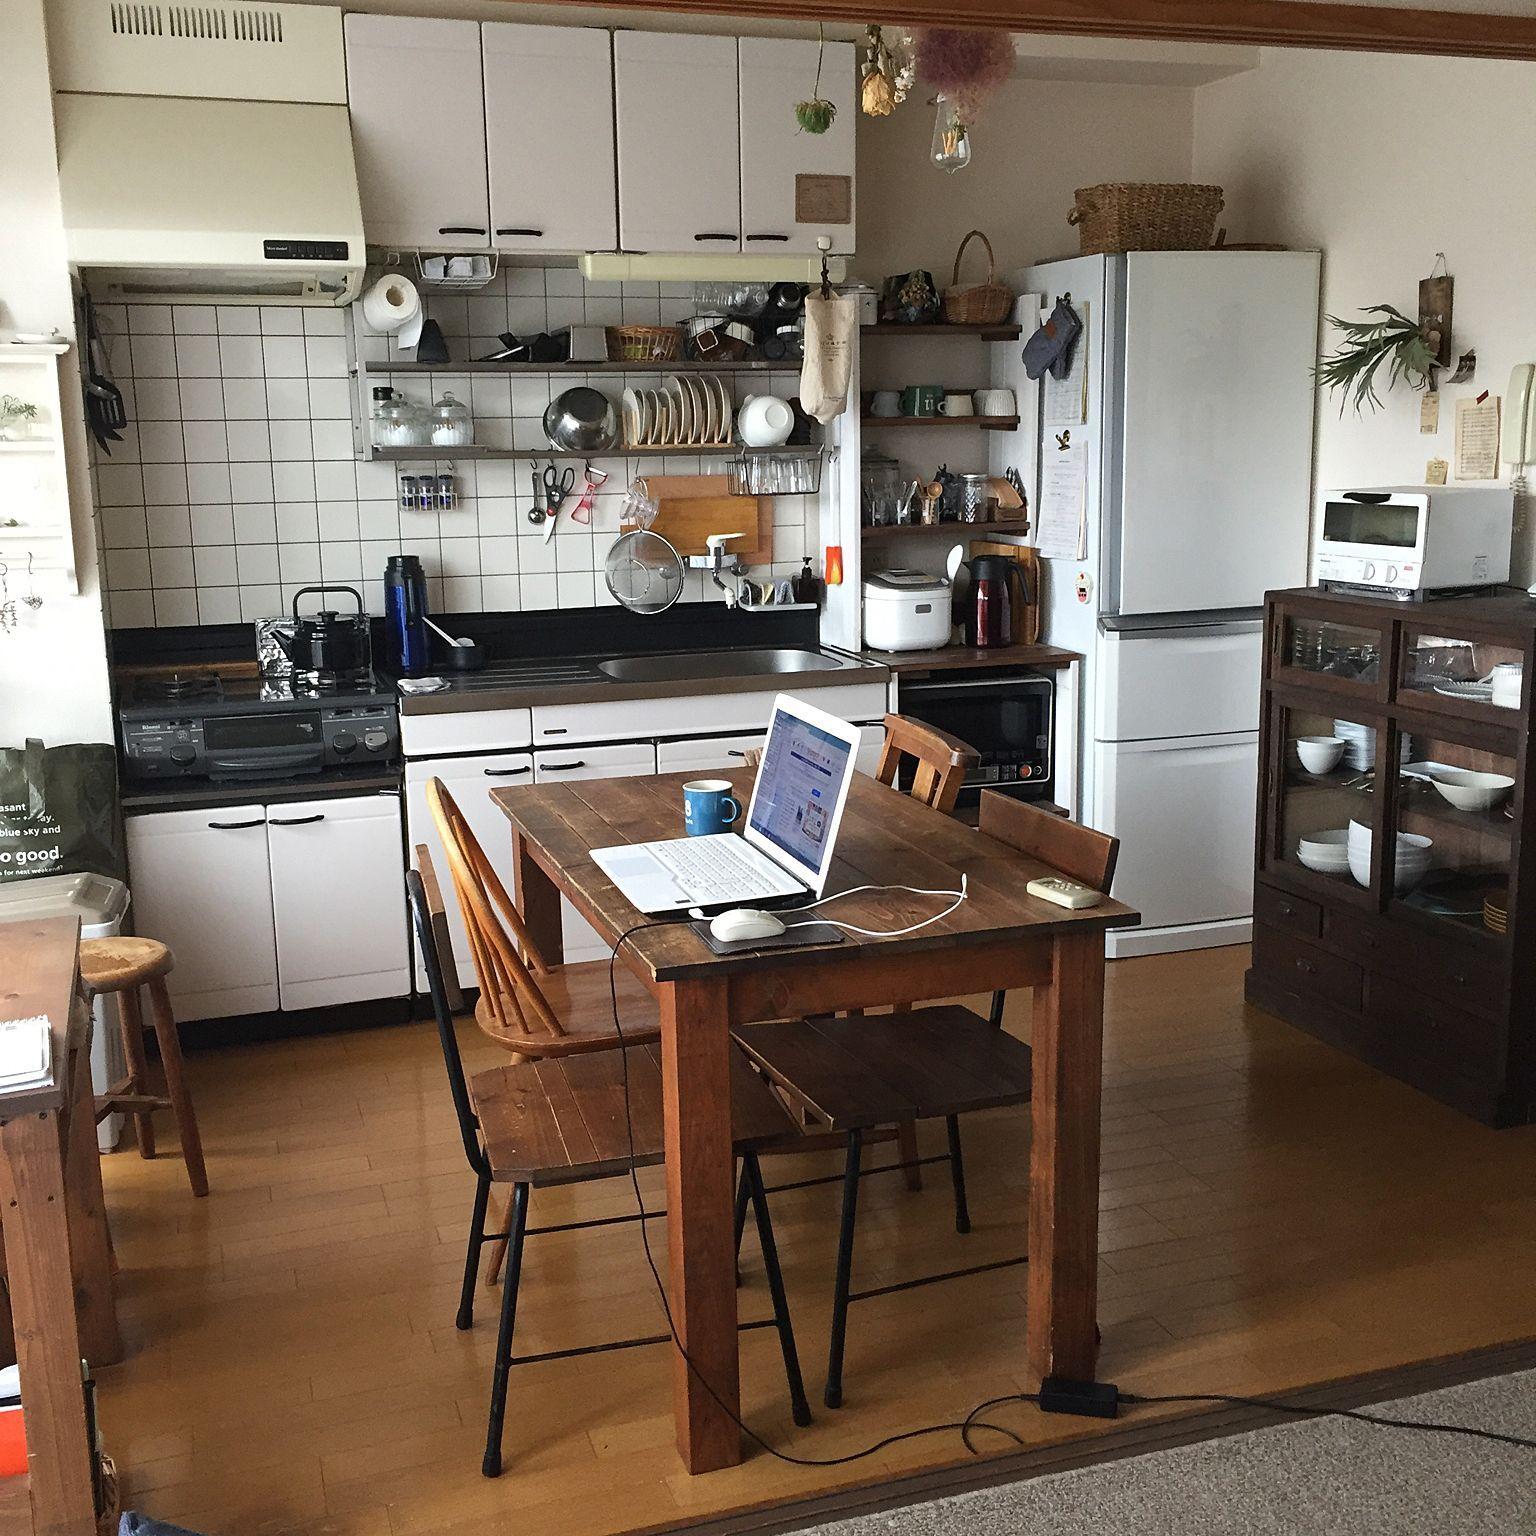 部屋全体 古道具 暮らし 賃貸暮らし 賃貸 などのインテリア実例